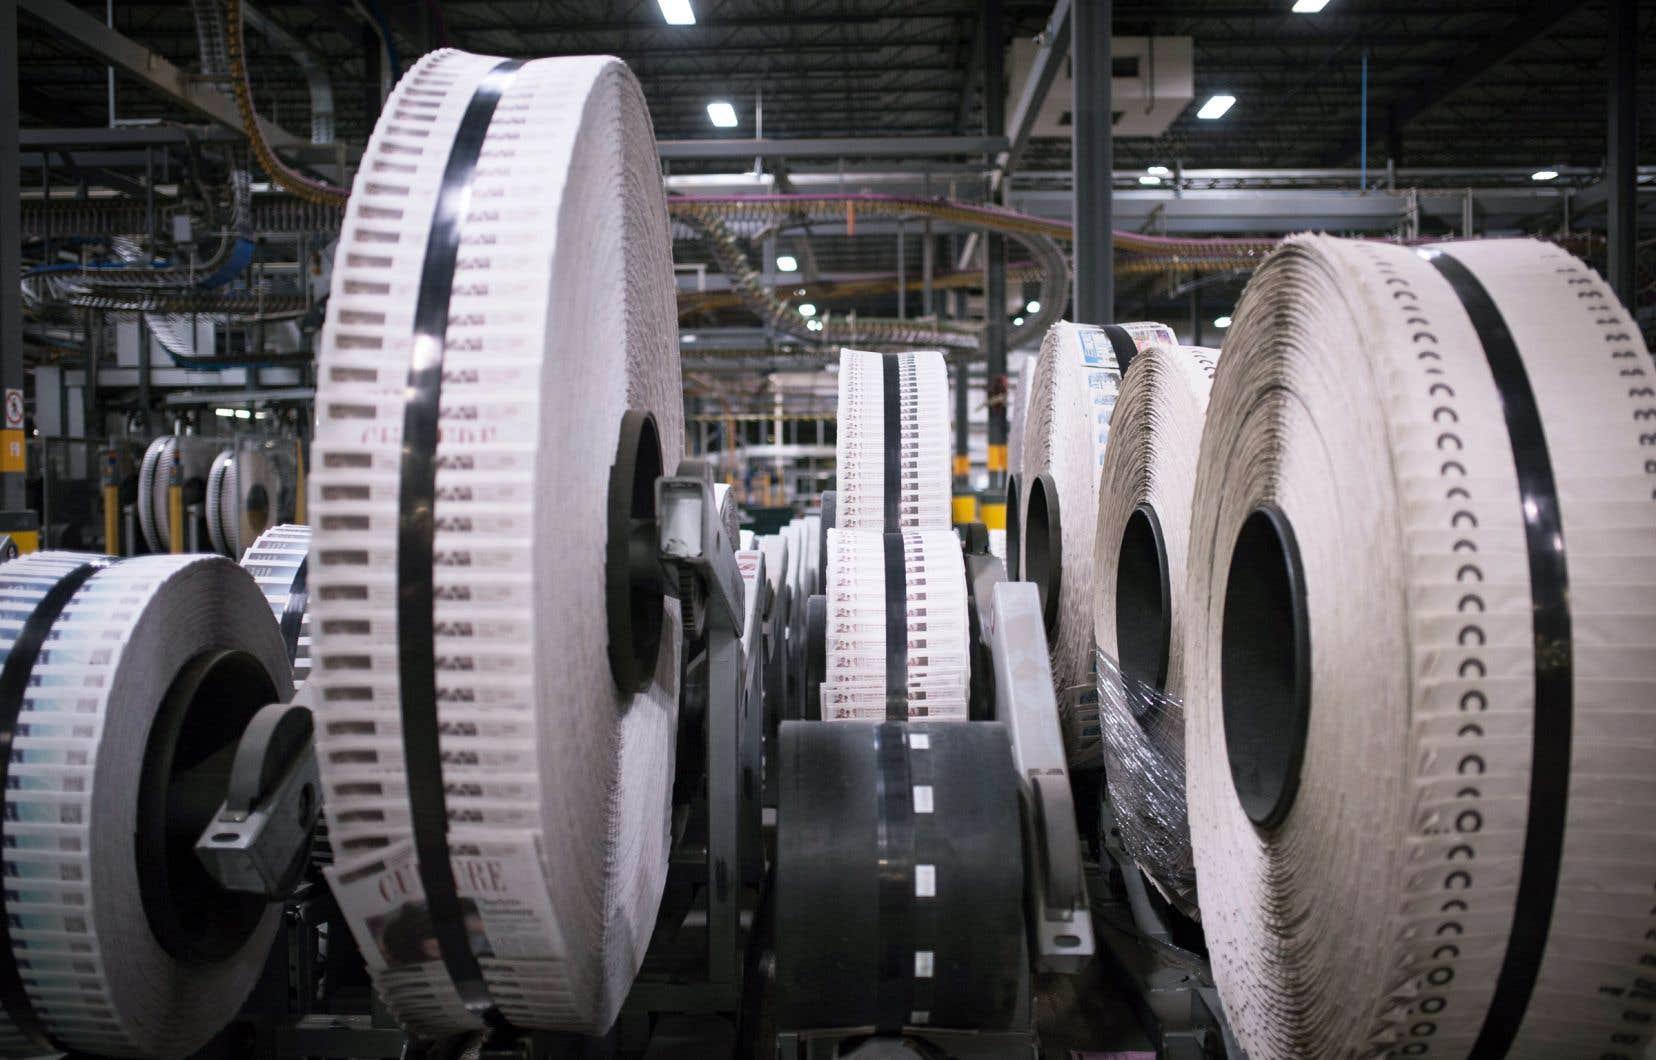 Le Conseil de l'industrie forestière du Québec a indiqué que sept usines québécoises de pâtes et papiers sont touchées et qu'elles devront faire face aux droits dès «les prochains jours».